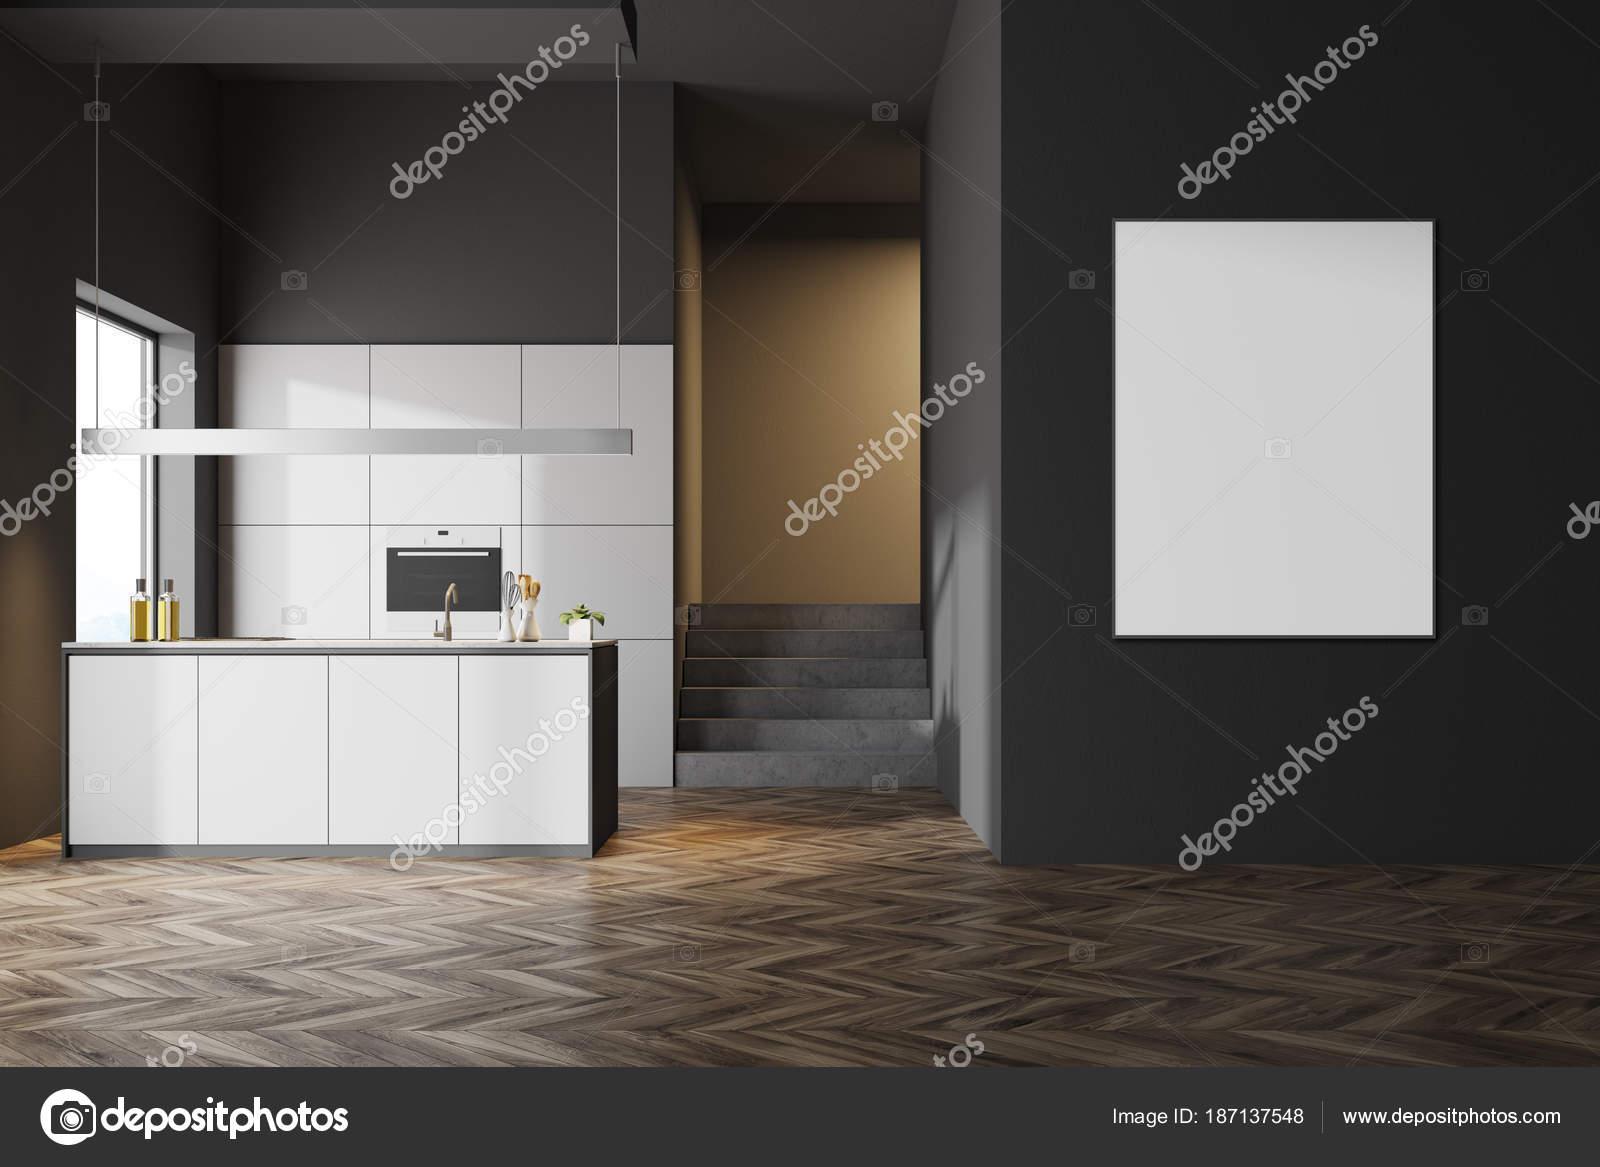 Ciemny Szary Kuchnia Wnętrz Plakat Zdjęcie Stockowe